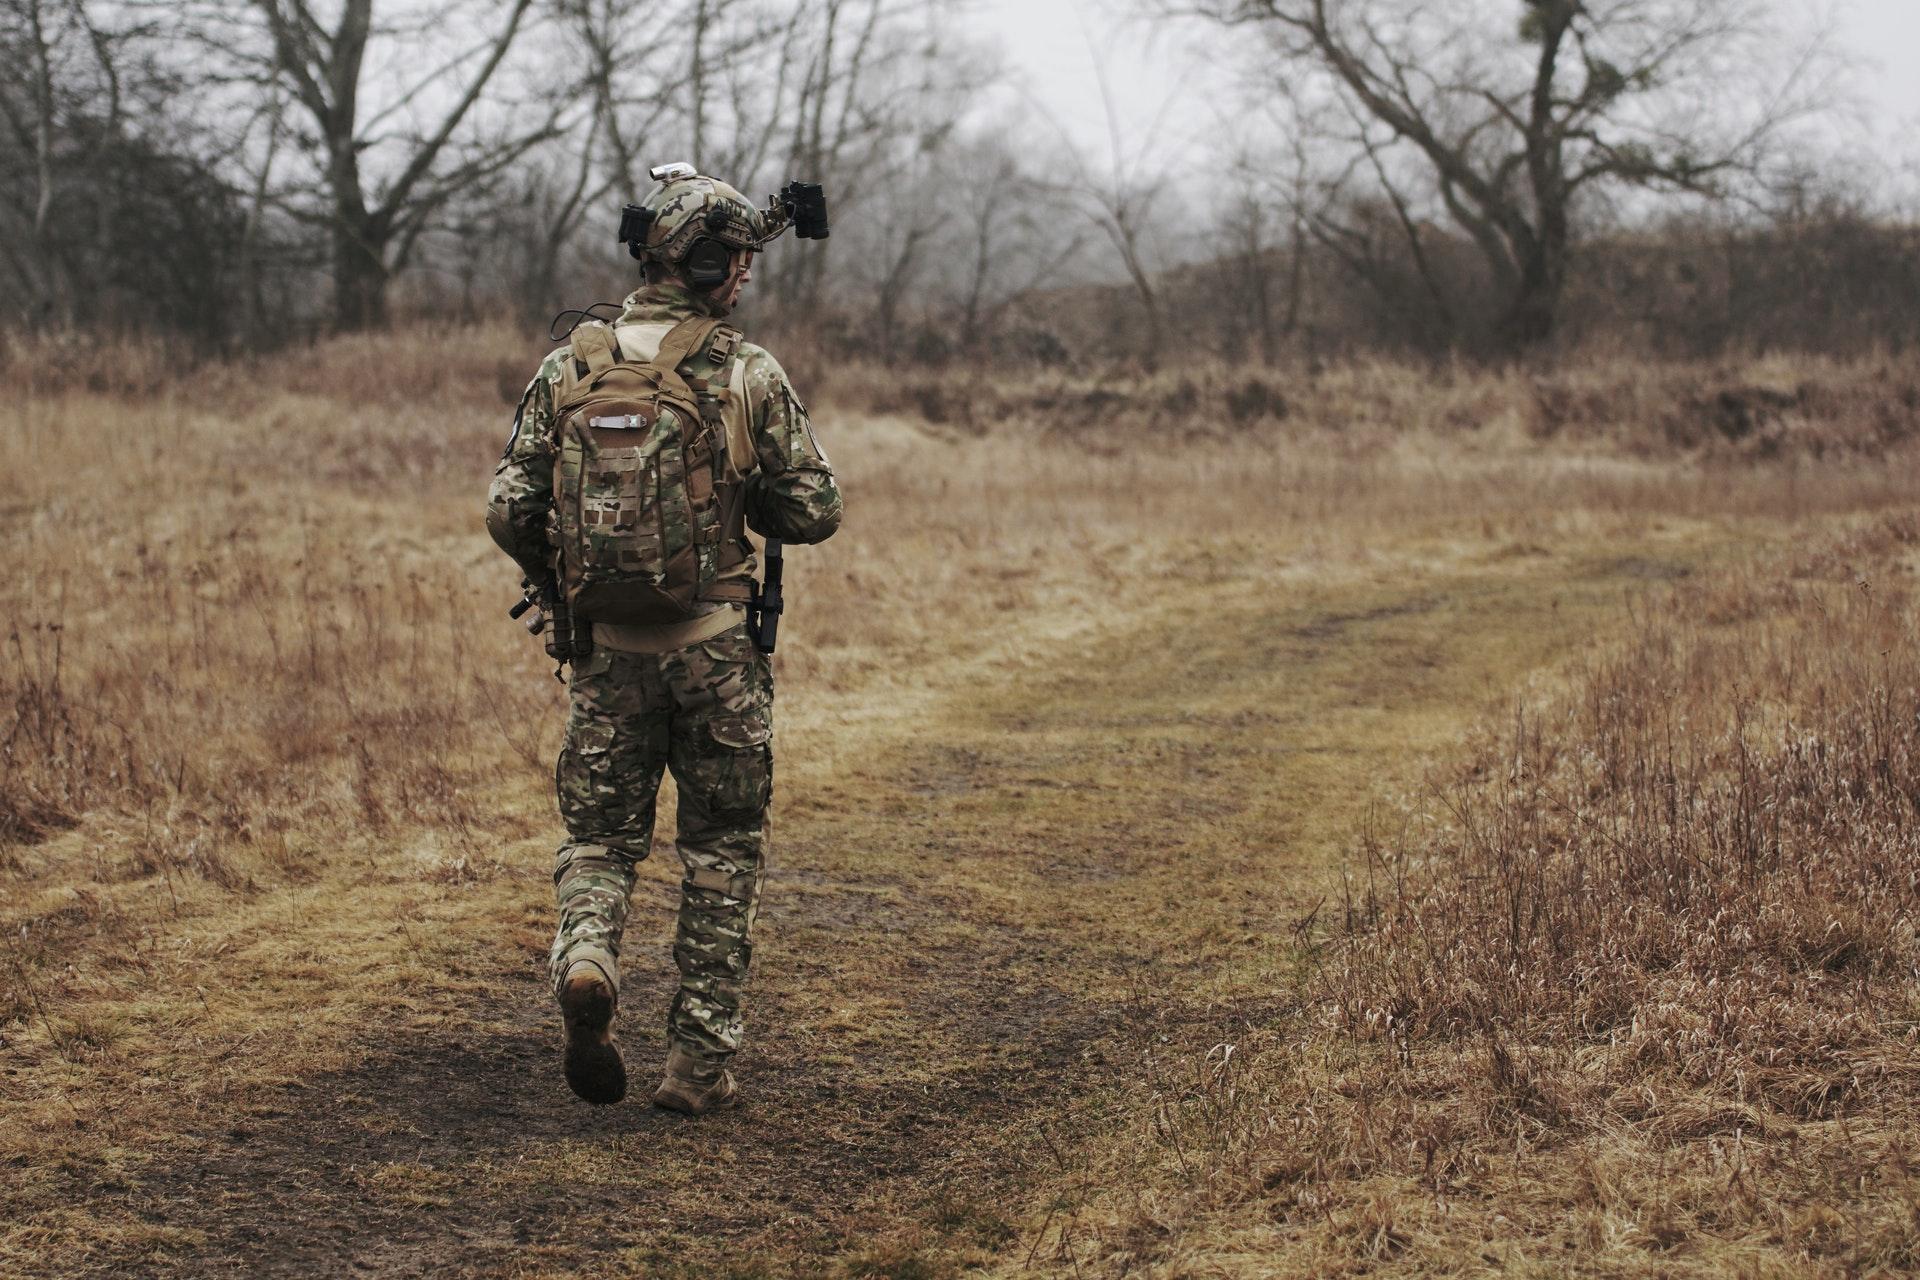 ismerje meg a katonák a hadsereg